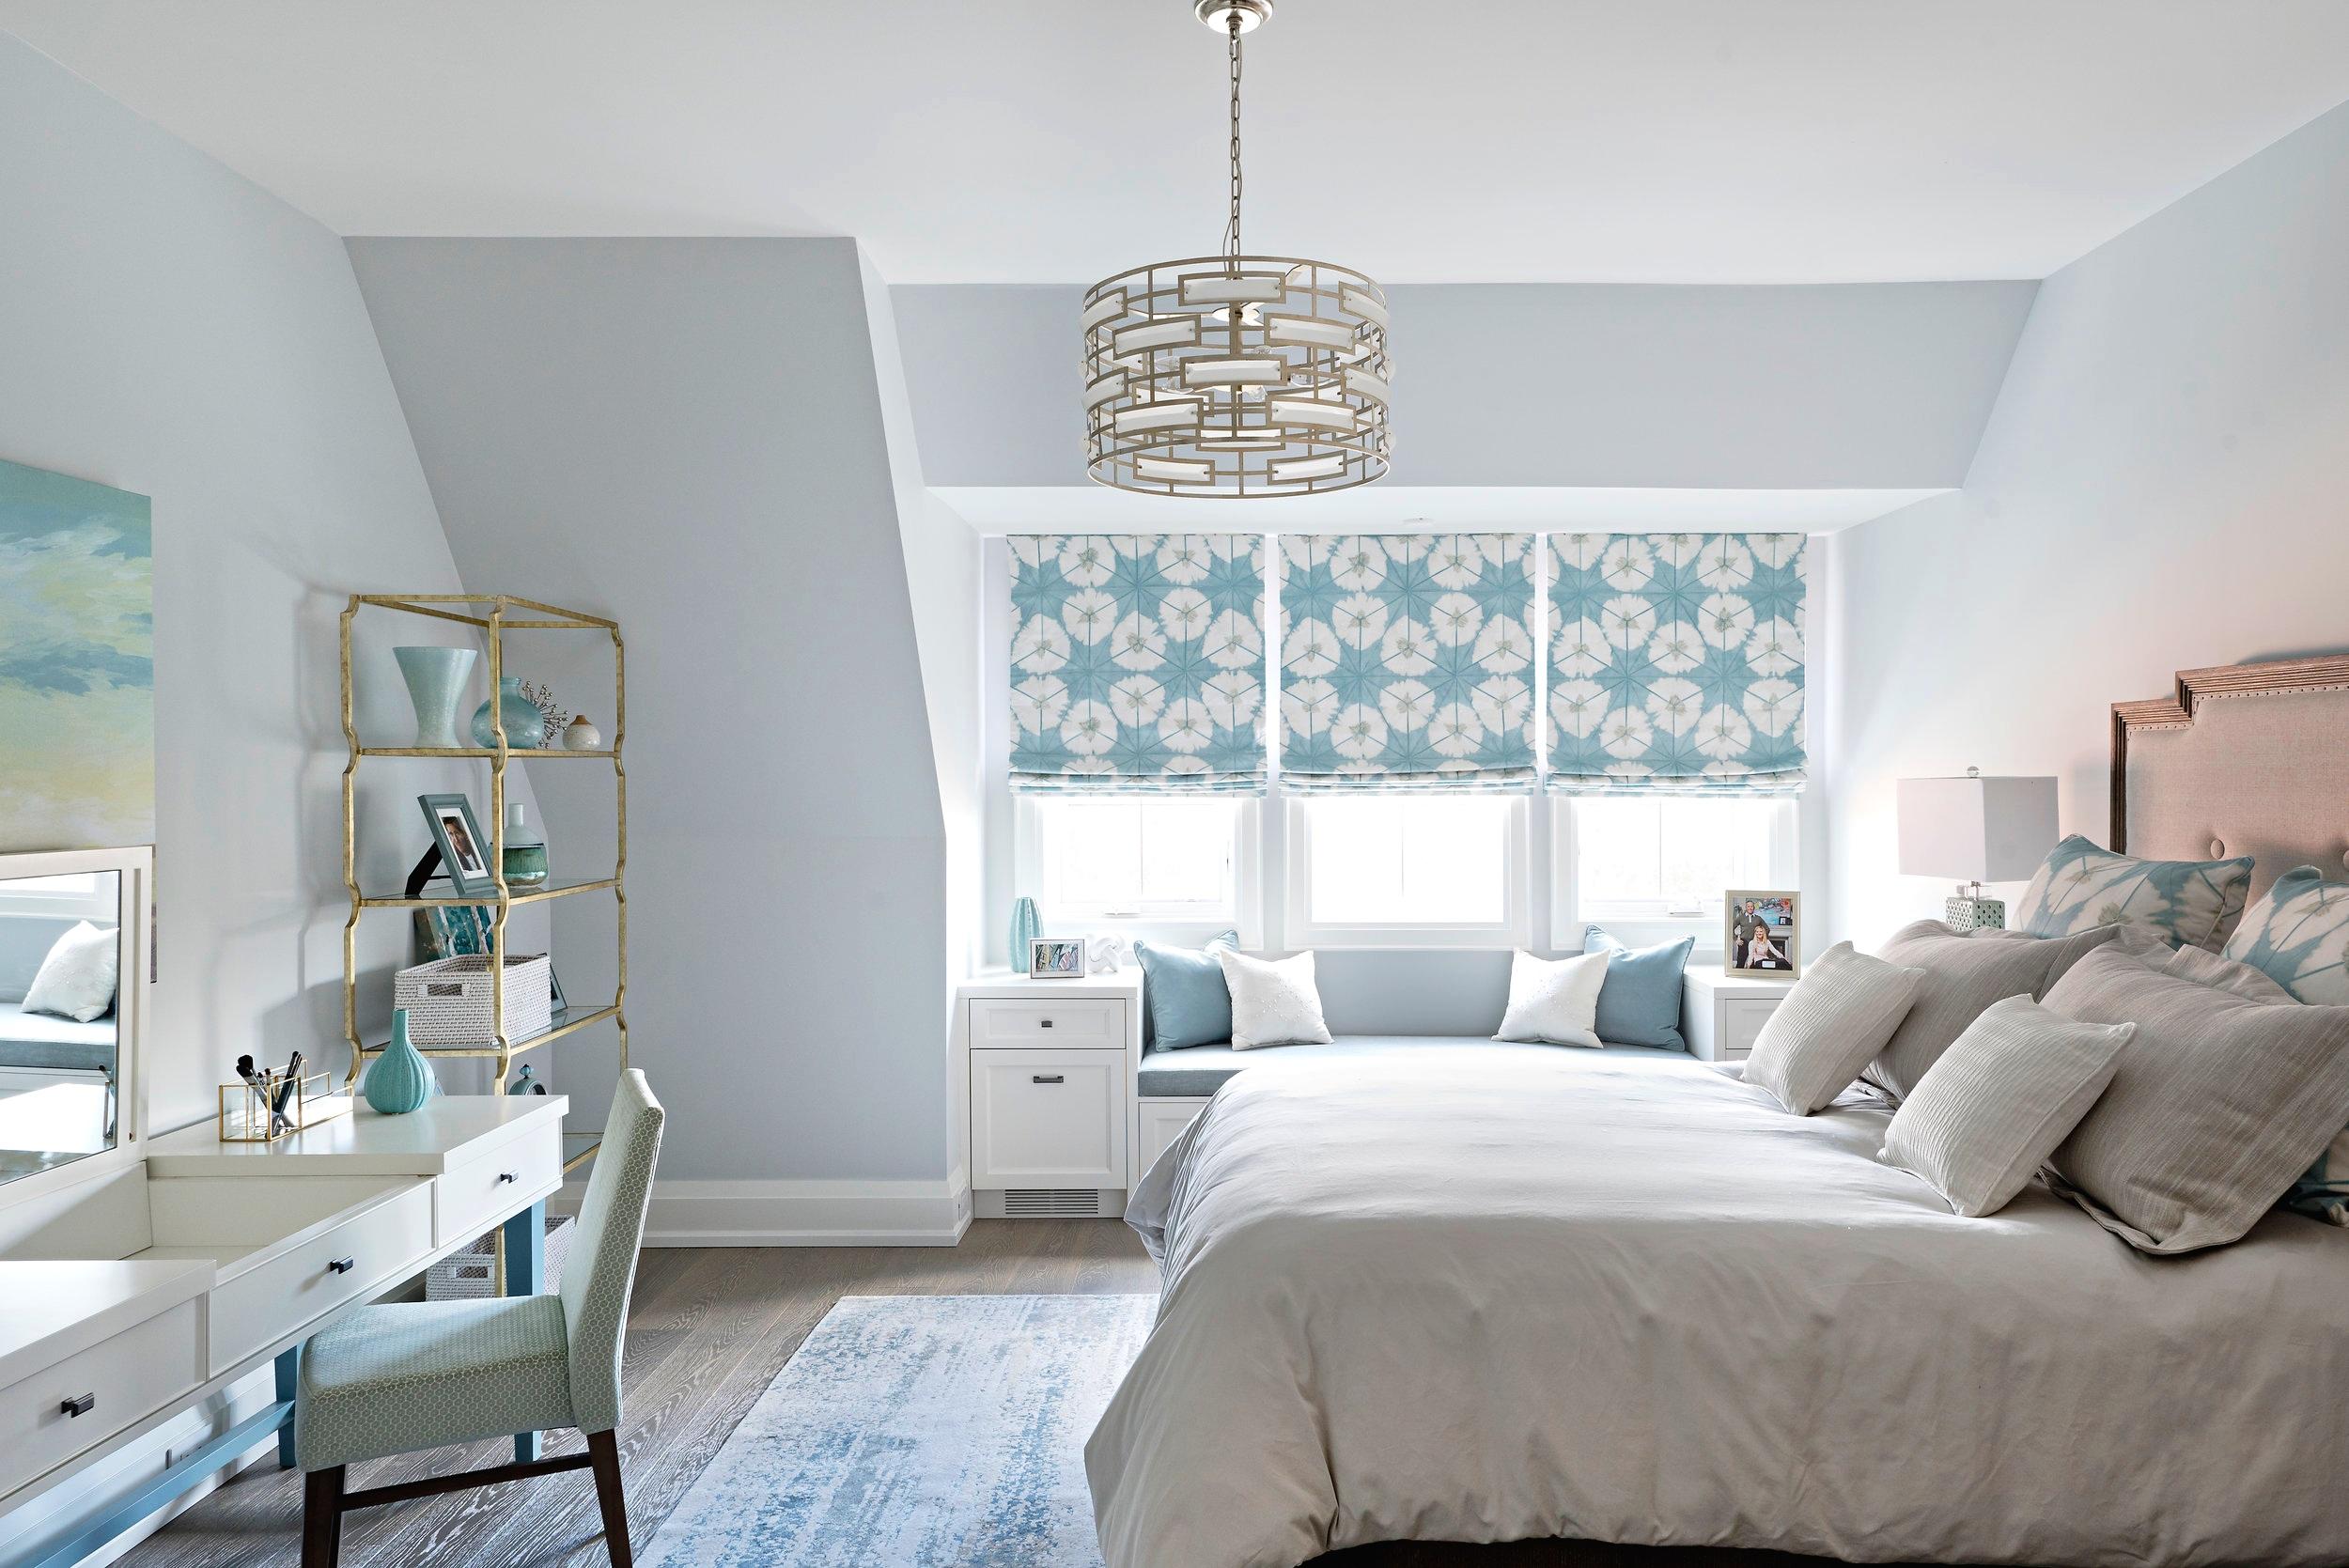 Interior Designer Pizzale Design Girls bedroom 1 Feminine Teal White Window Bench Millwork.jpg